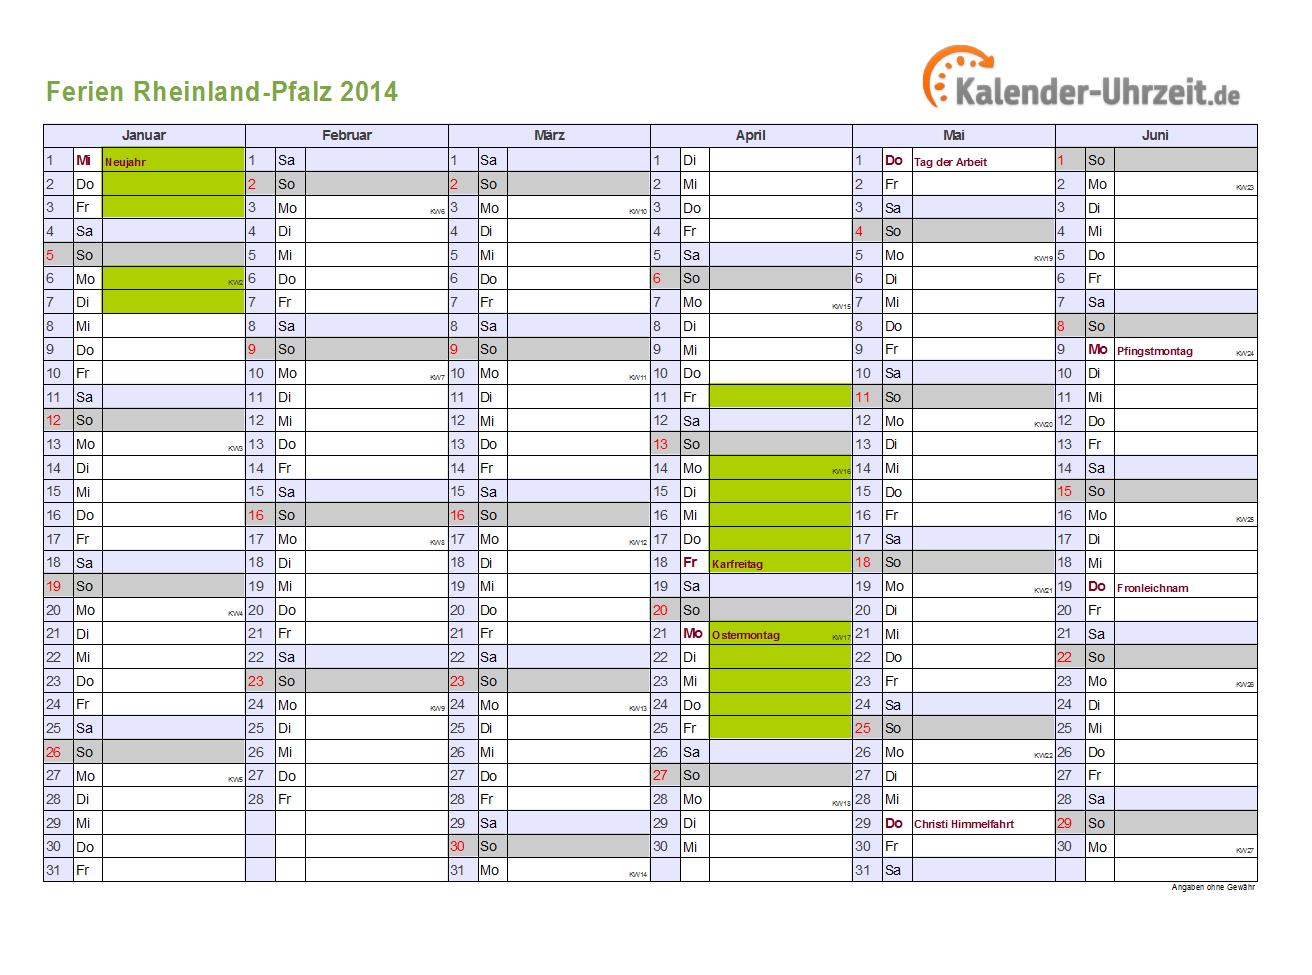 Ferien Rheinland-Pfalz 2014 - Ferienkalender zum Ausdrucken